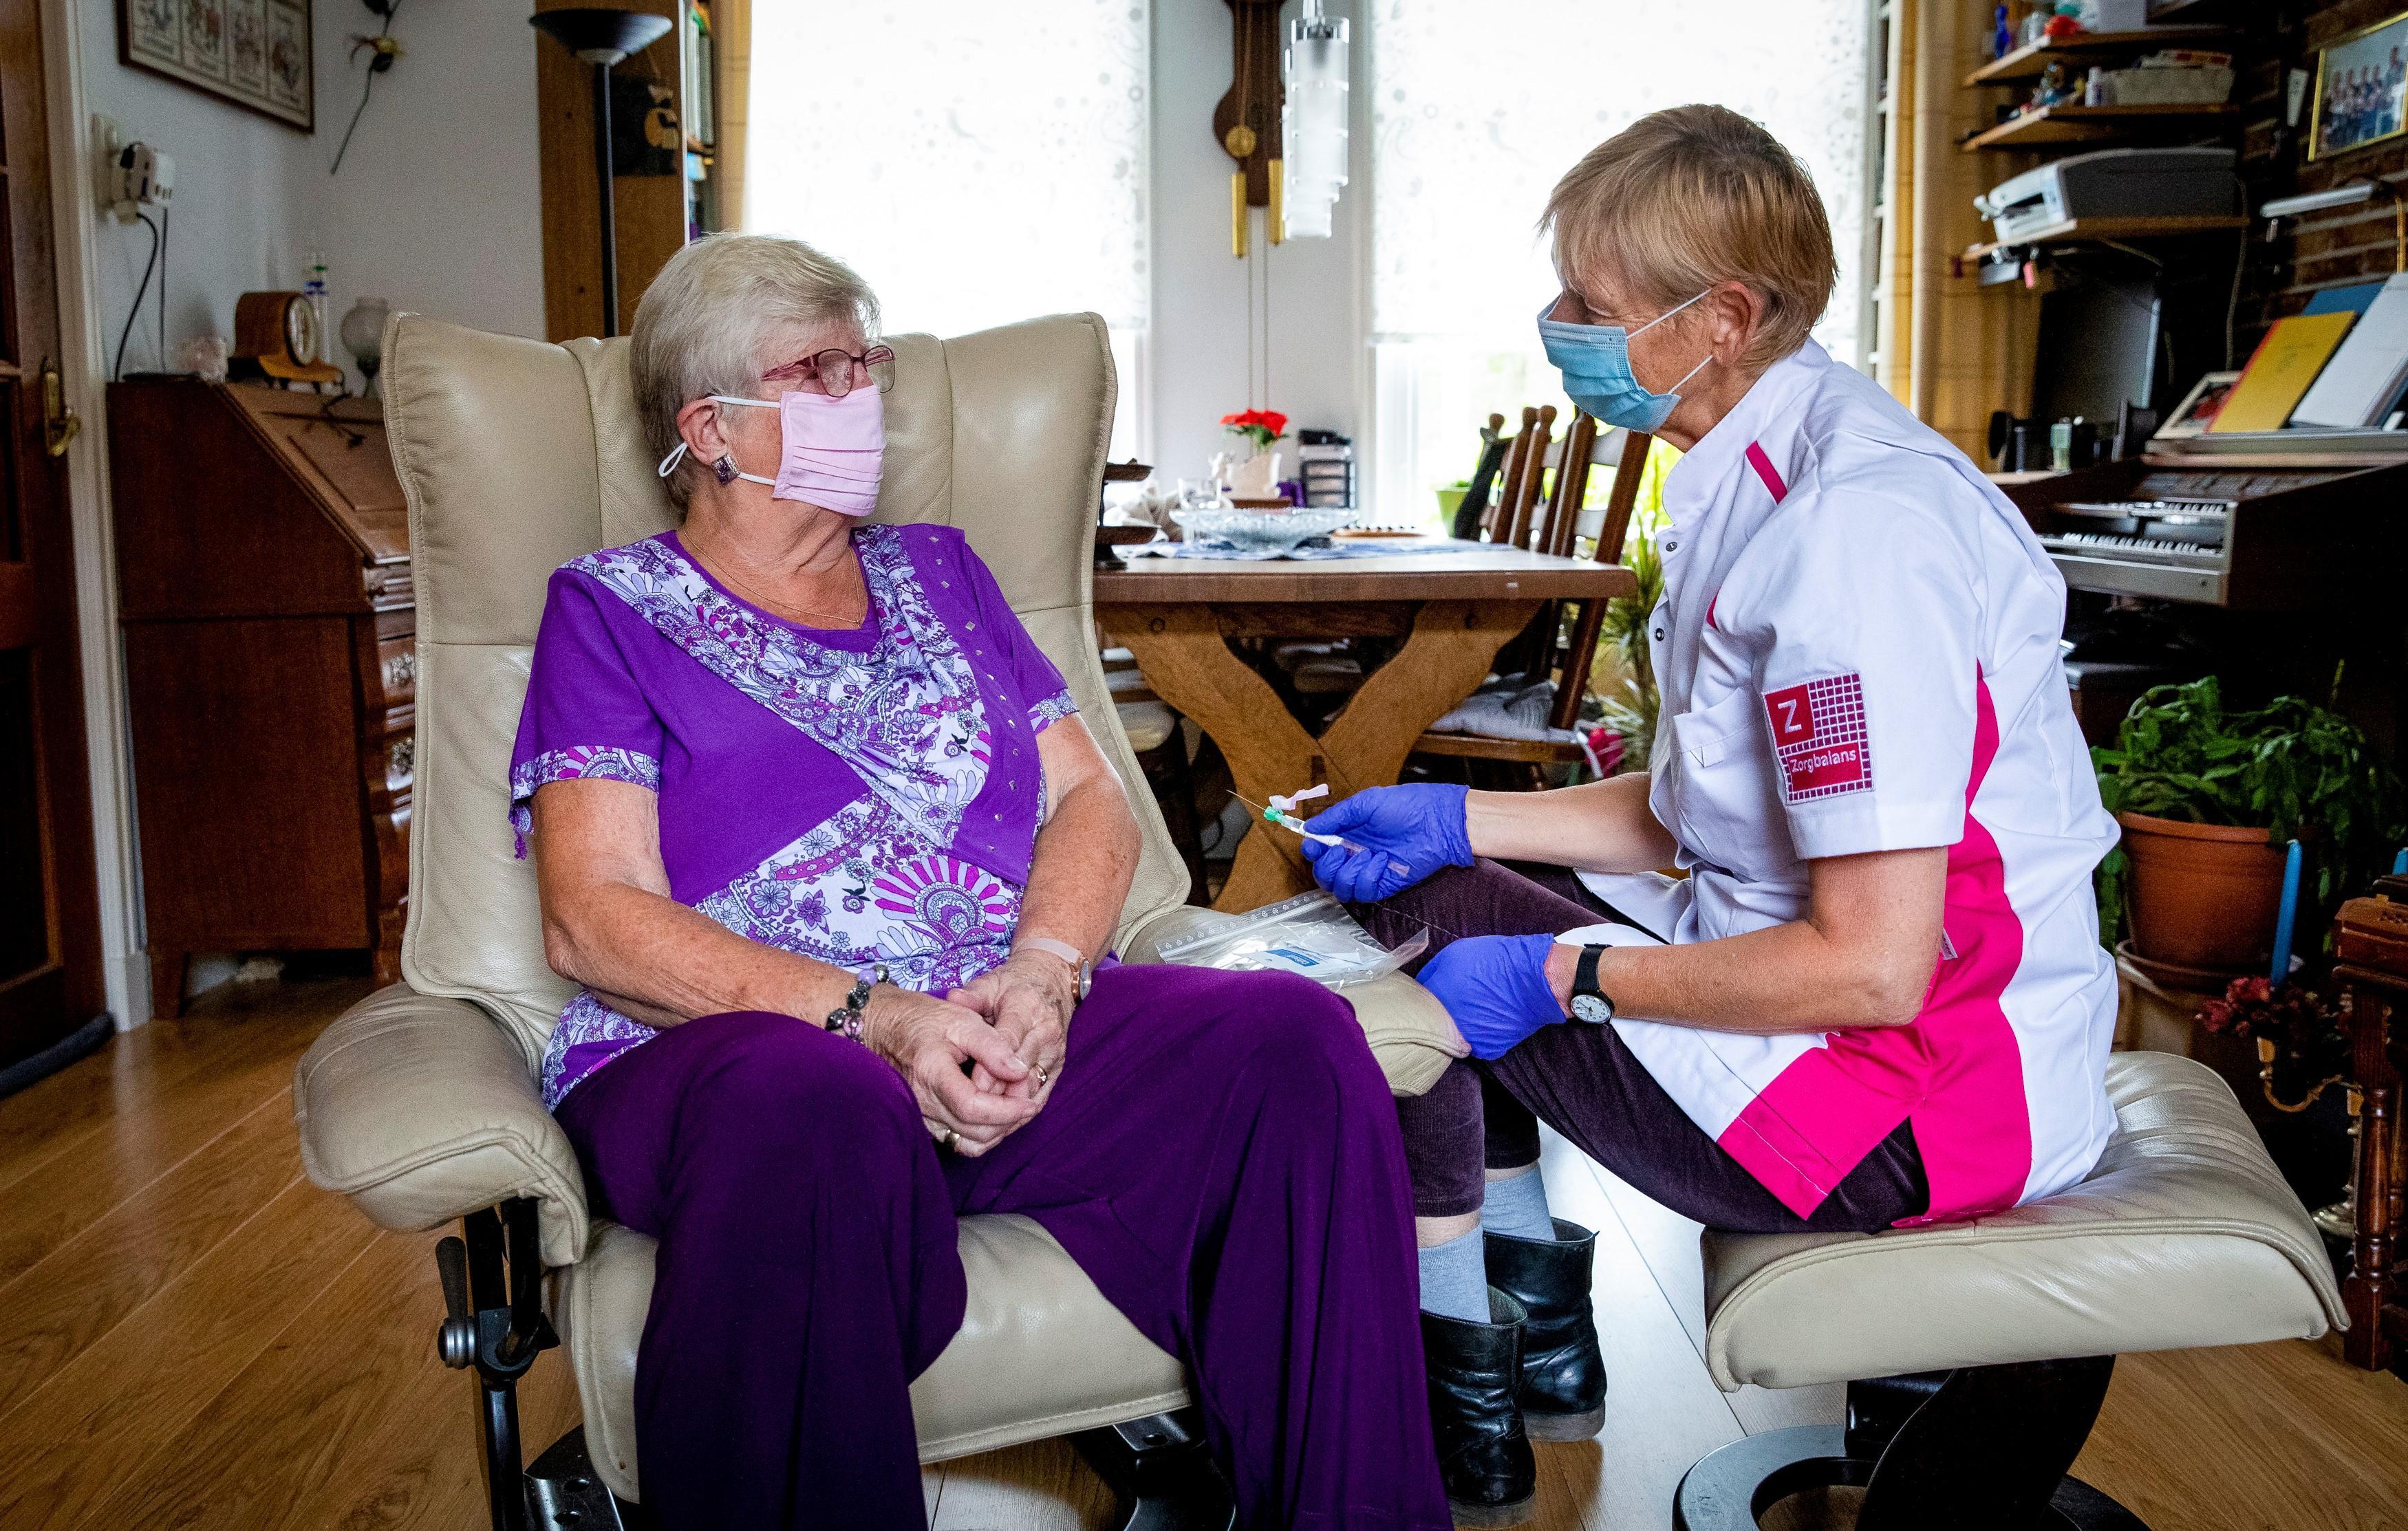 Thea (72) uit Bloemendaal krijgt chemotherapie vanuit haar luie stoel thuis: 'De mevrouw van Zorgbalans is heel erg aardig'